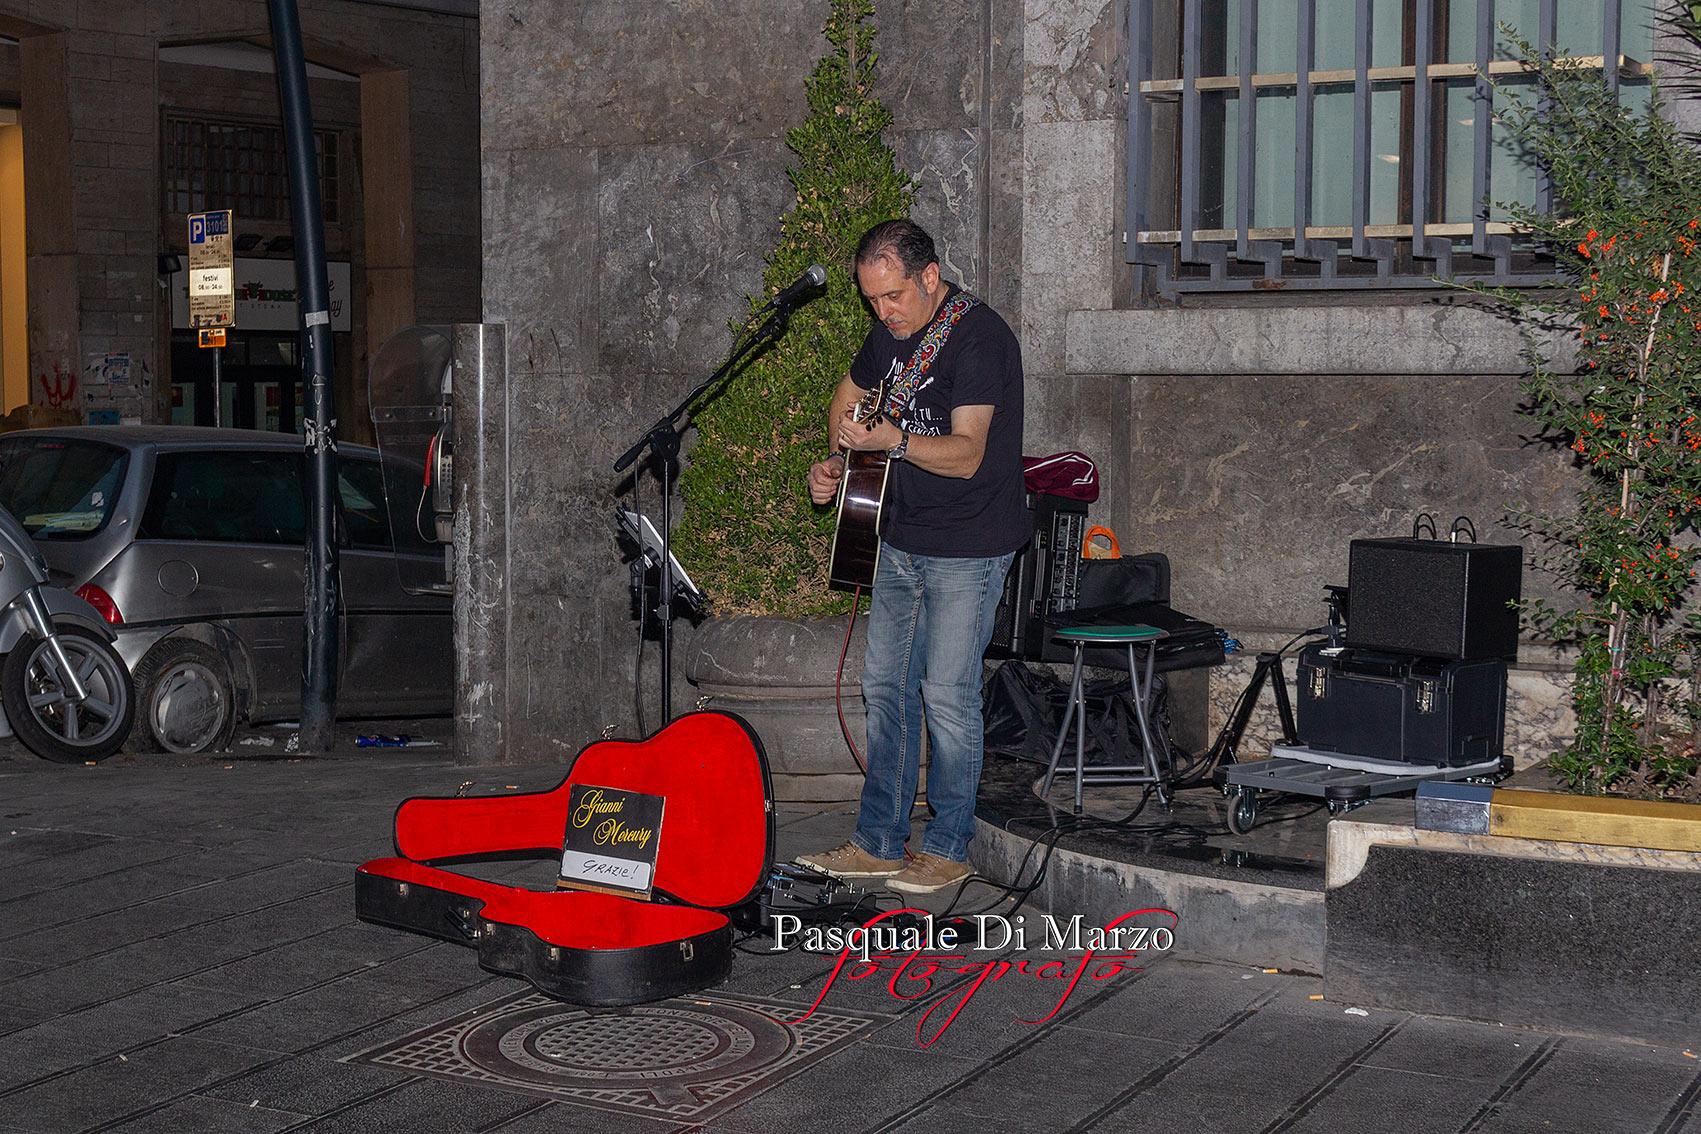 IMG 6947 A NAPOLI IN VIA TOLEDO LA SECONDA EDIZIONE DEL NAPOLI BUSKERS FESTIVAL, LA FOTOGALLERY